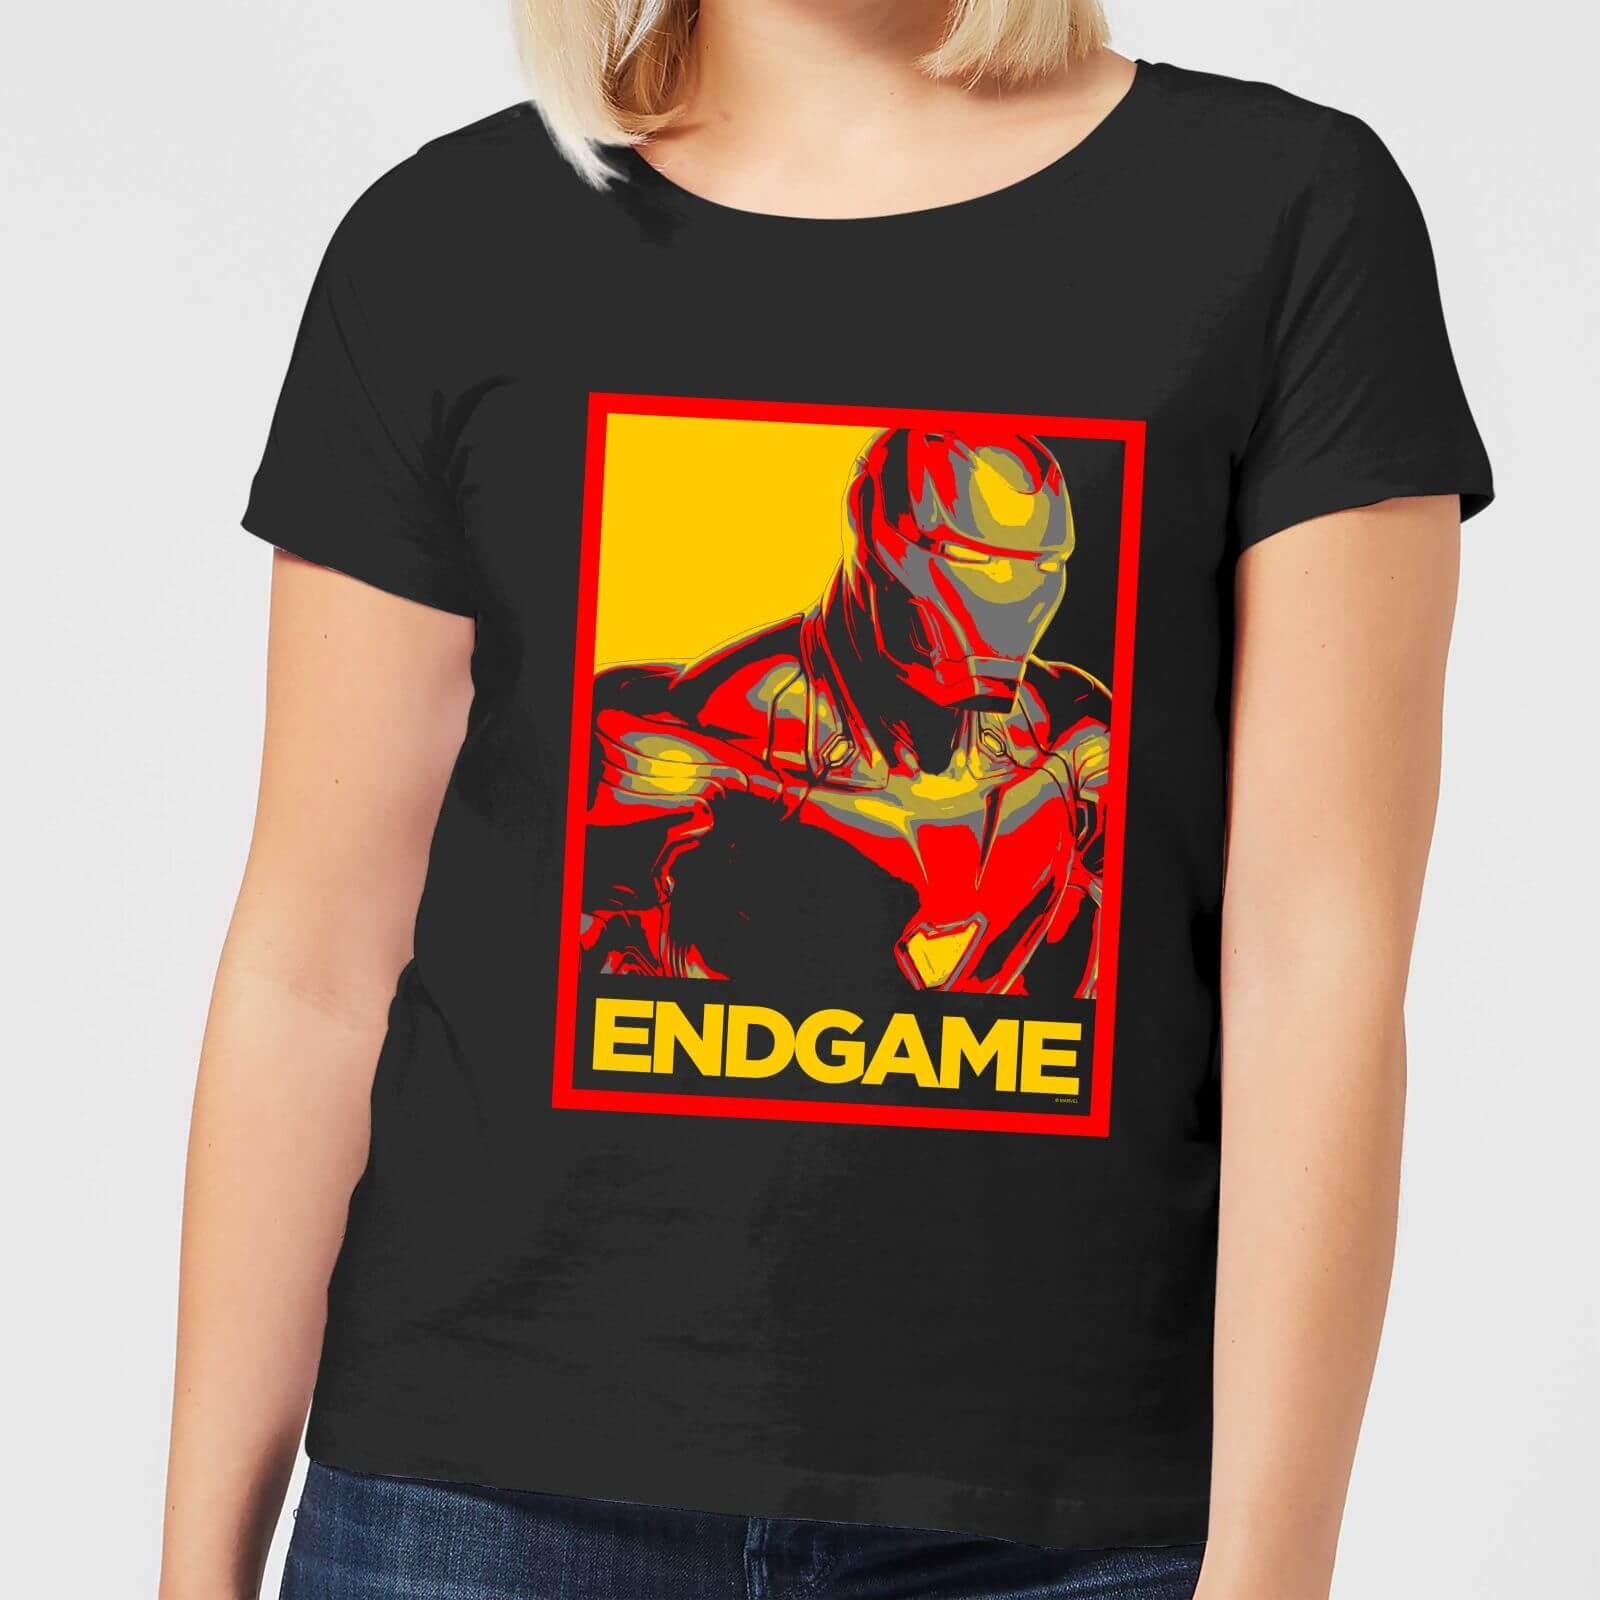 Marvel Avengers Endgame Iron Man Poster Women's T-Shirt - Black - XXL - Black